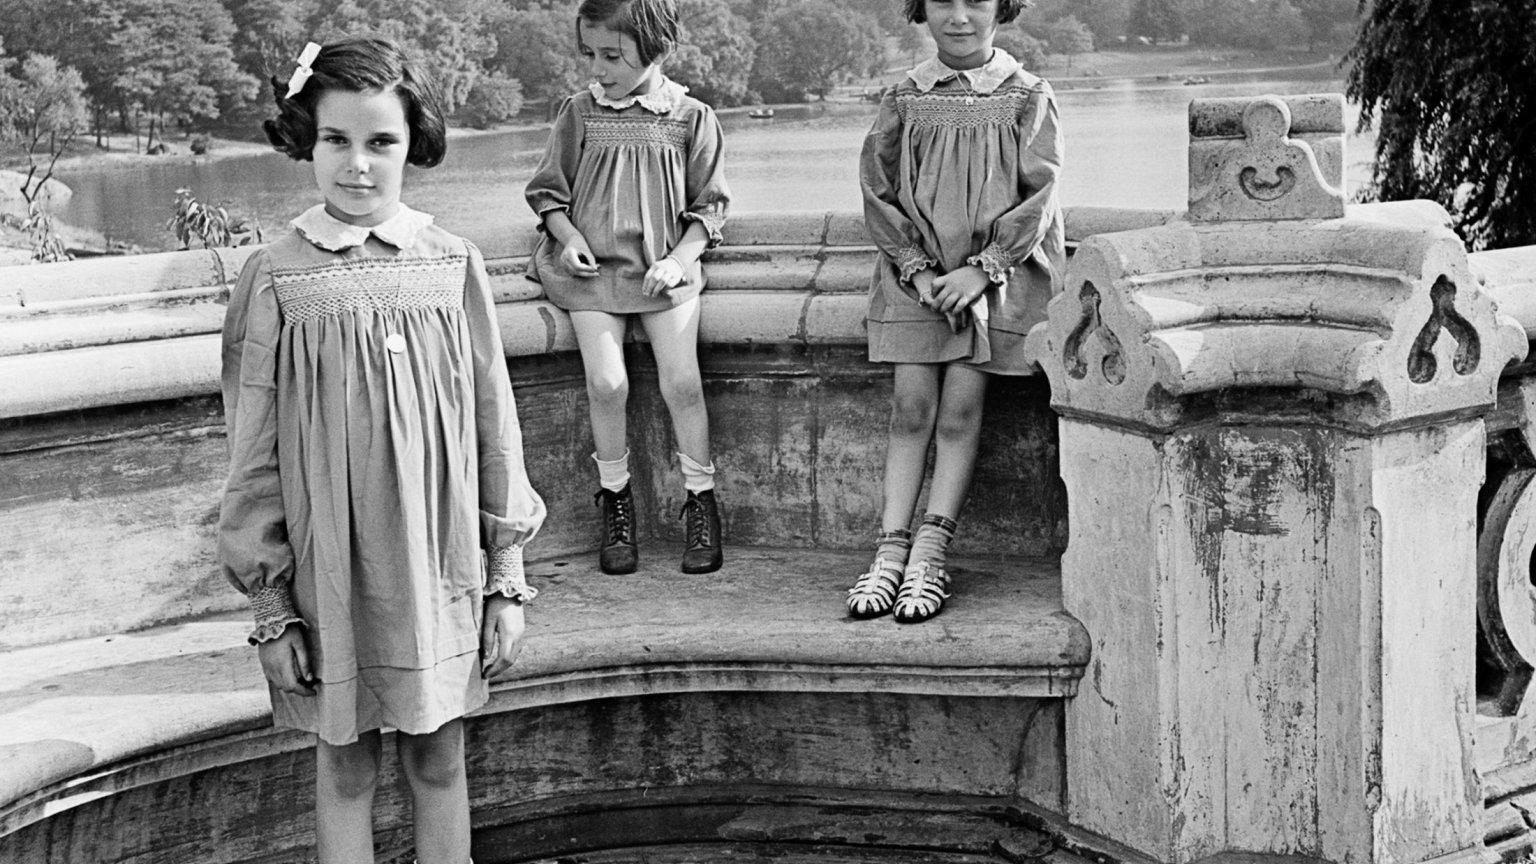 Siostry Marion, Renate i Karen Gumprecht, objęte pomocą National Refugee Service (NRS) i Hebrew Immigrant Aid Society (HIAS), wkrótce po przybyciu do Stanów Zjednoczonych, Central Park, Nowy Jork, 1941